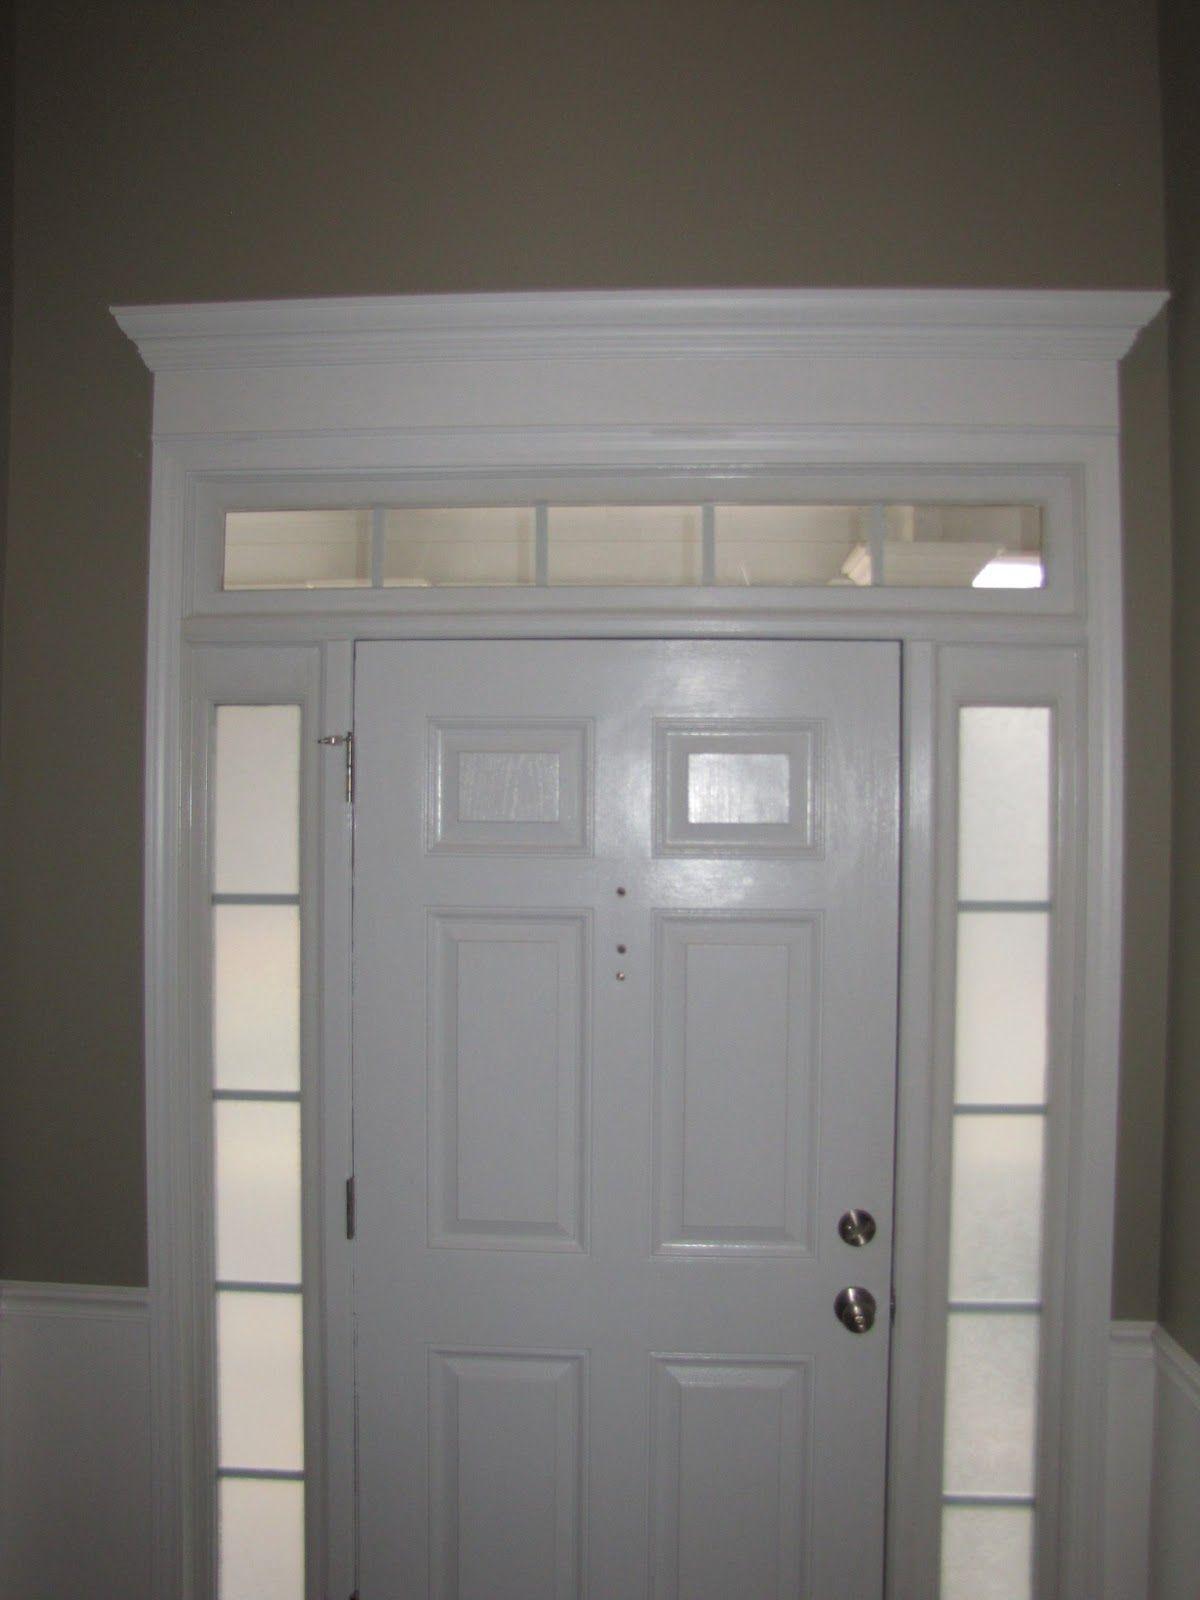 Pictures Around Door Frame